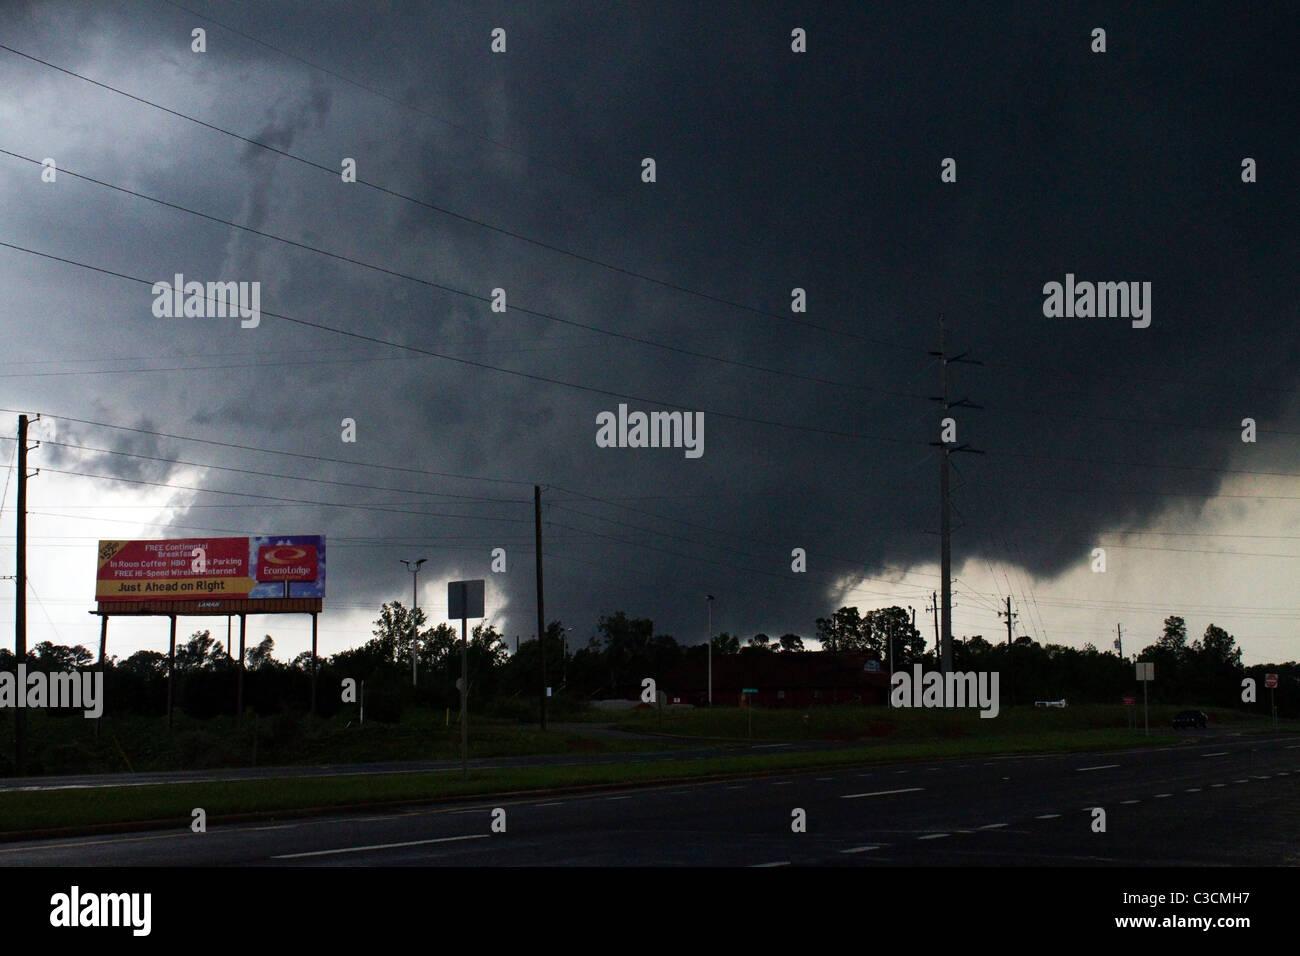 Tuscaloosa, Alabama tornado April 27, 2011 - Stock Image